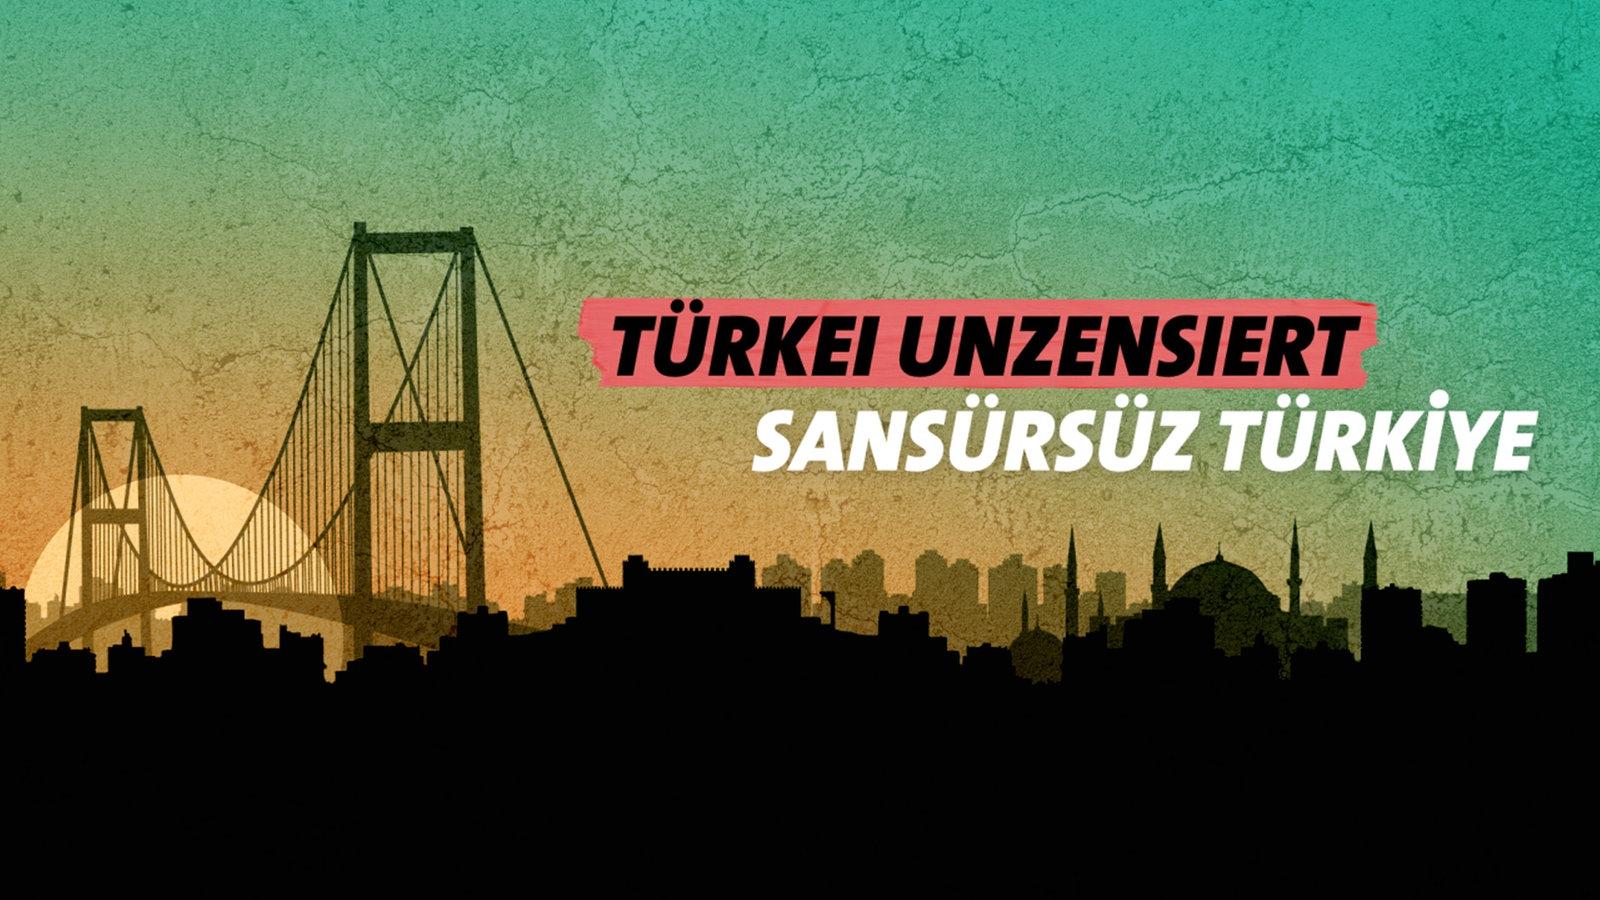 Radio Türkei